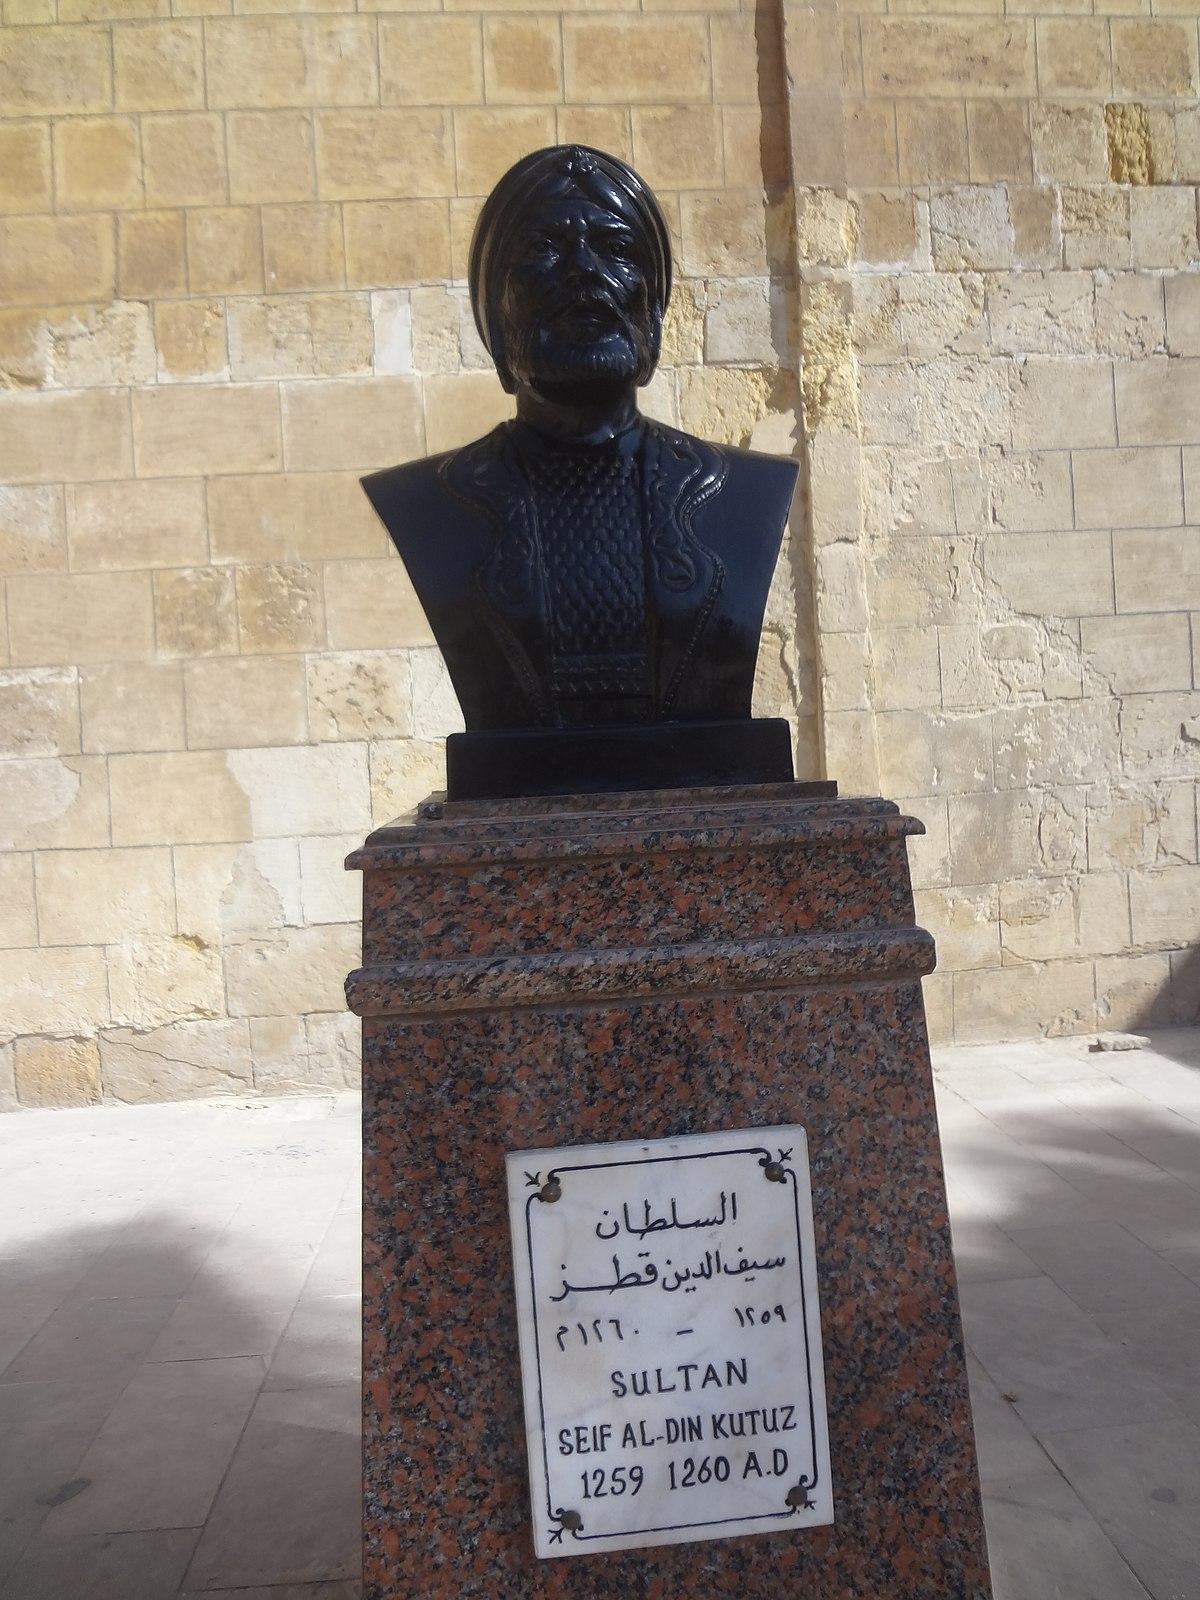 ملف تمثال للسلطان سيف الدين قطز Jpg ويكيبيديا